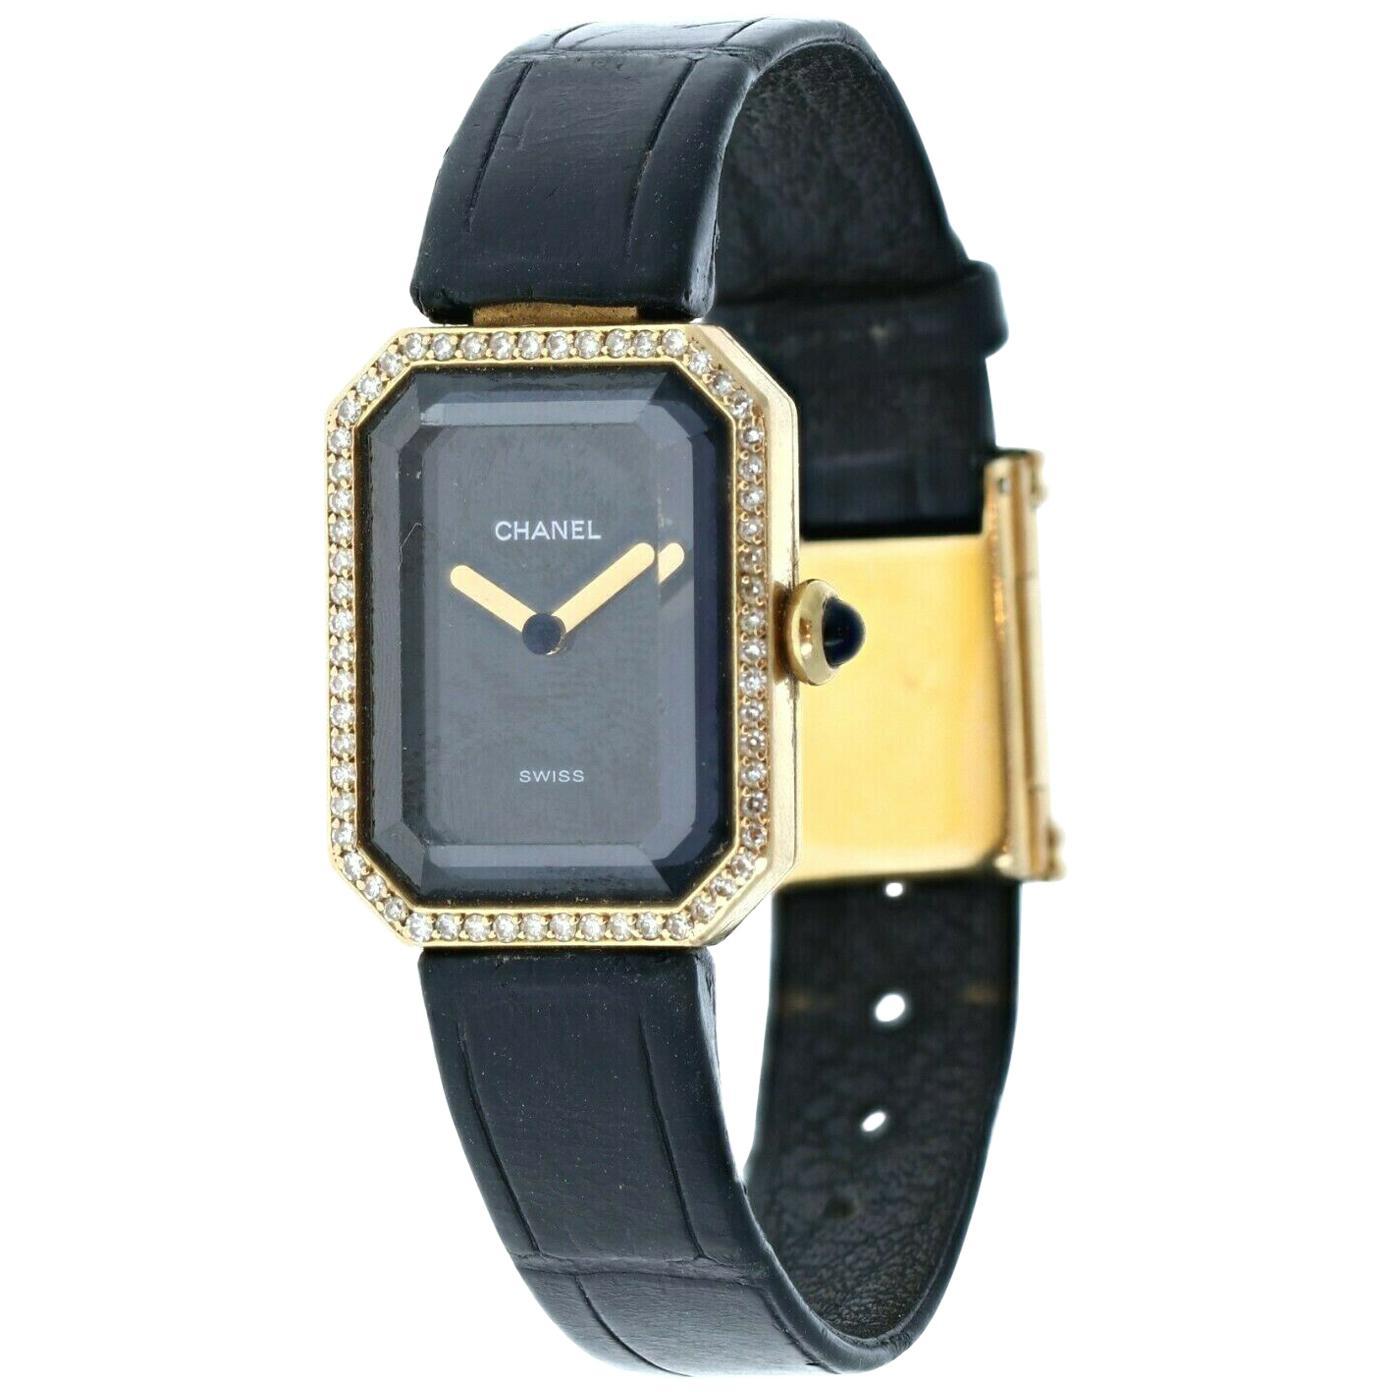 Chanel 18k Yellow Gold & Diamond Première Watch